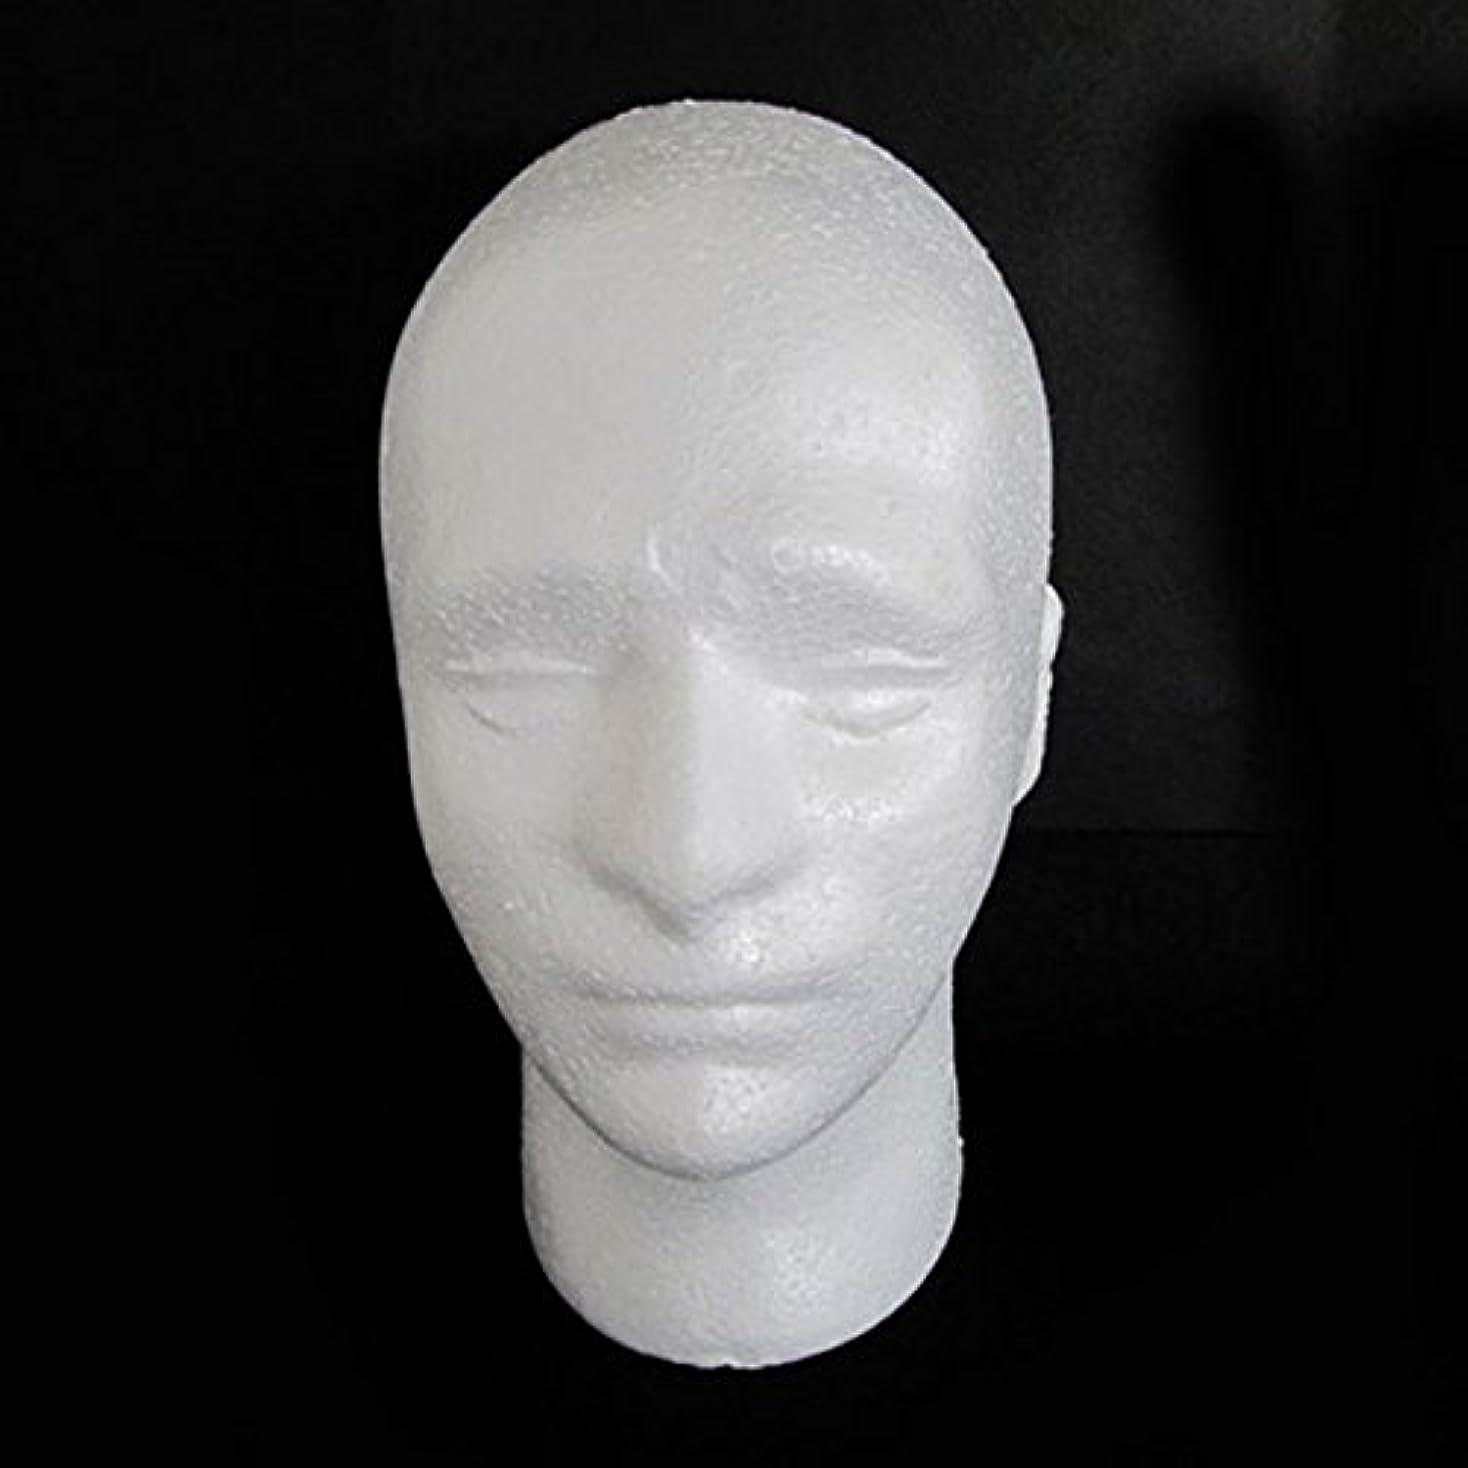 西ドナウ川アナニバーFGULモデルヘッド男性マネキンヘッドマネキンヘッドヘアモデルヘッド